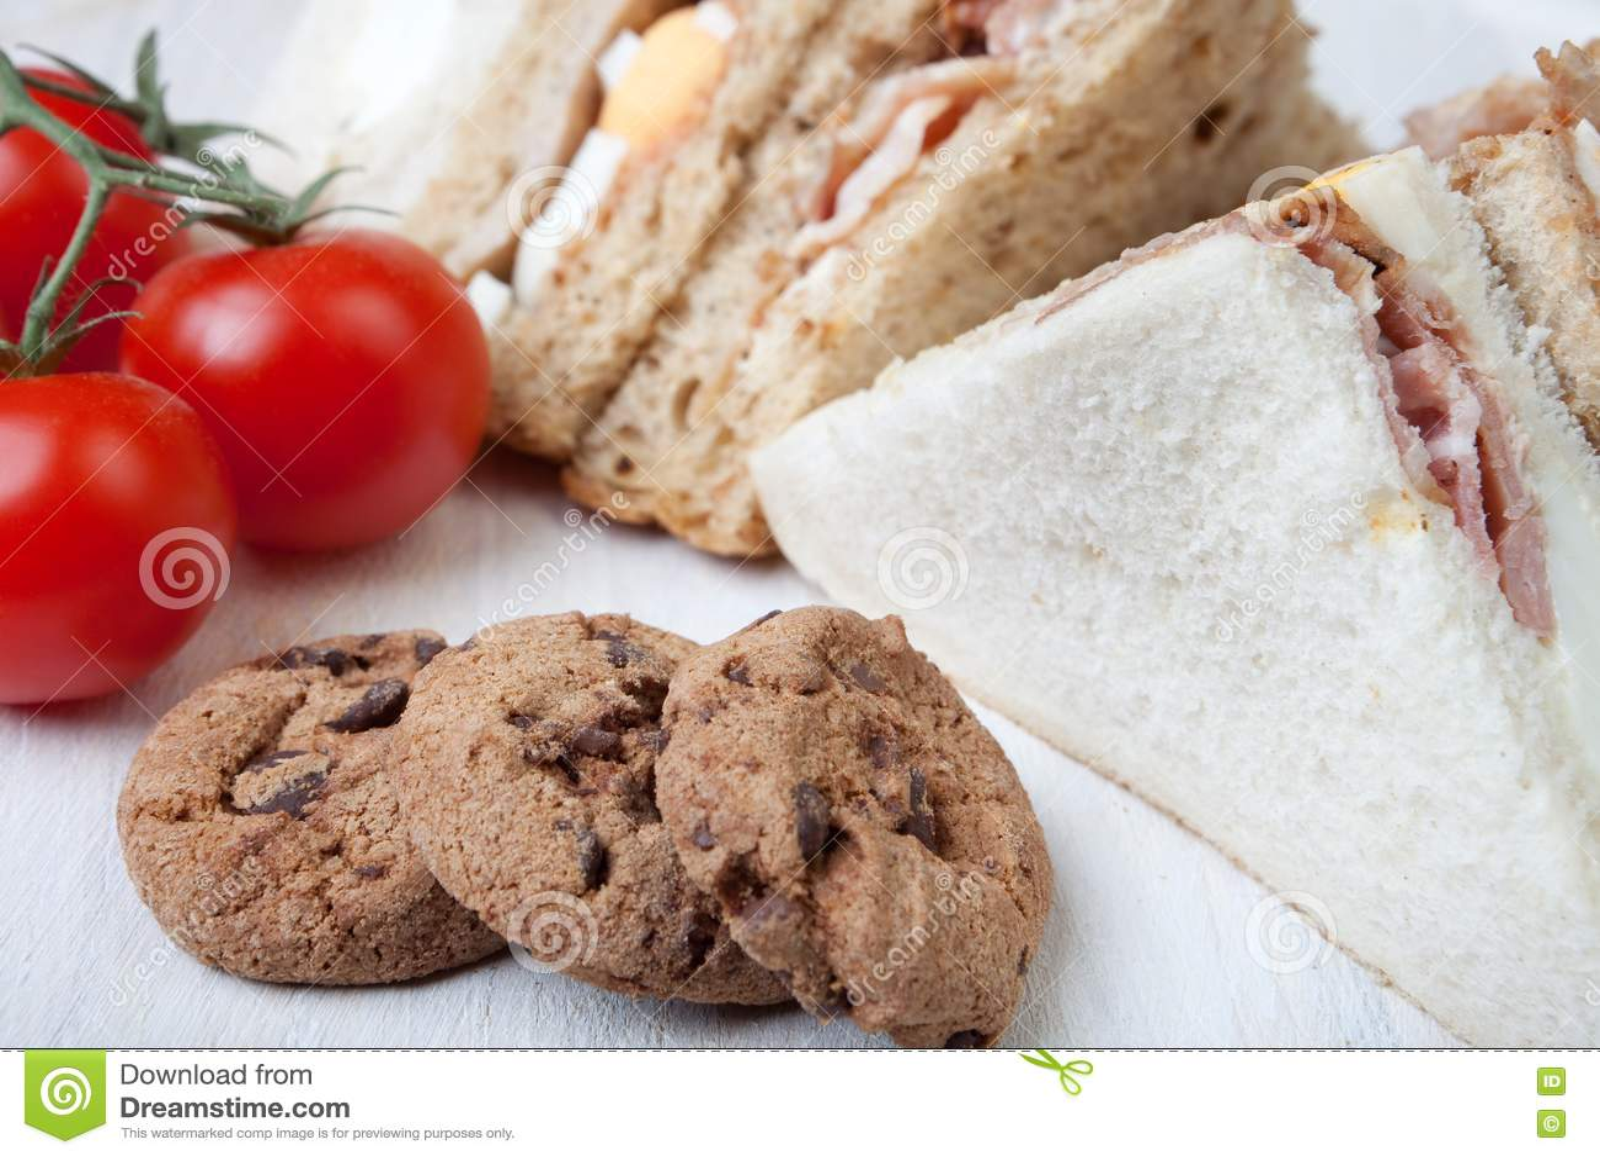 how to keep homemade cookies fresh longer